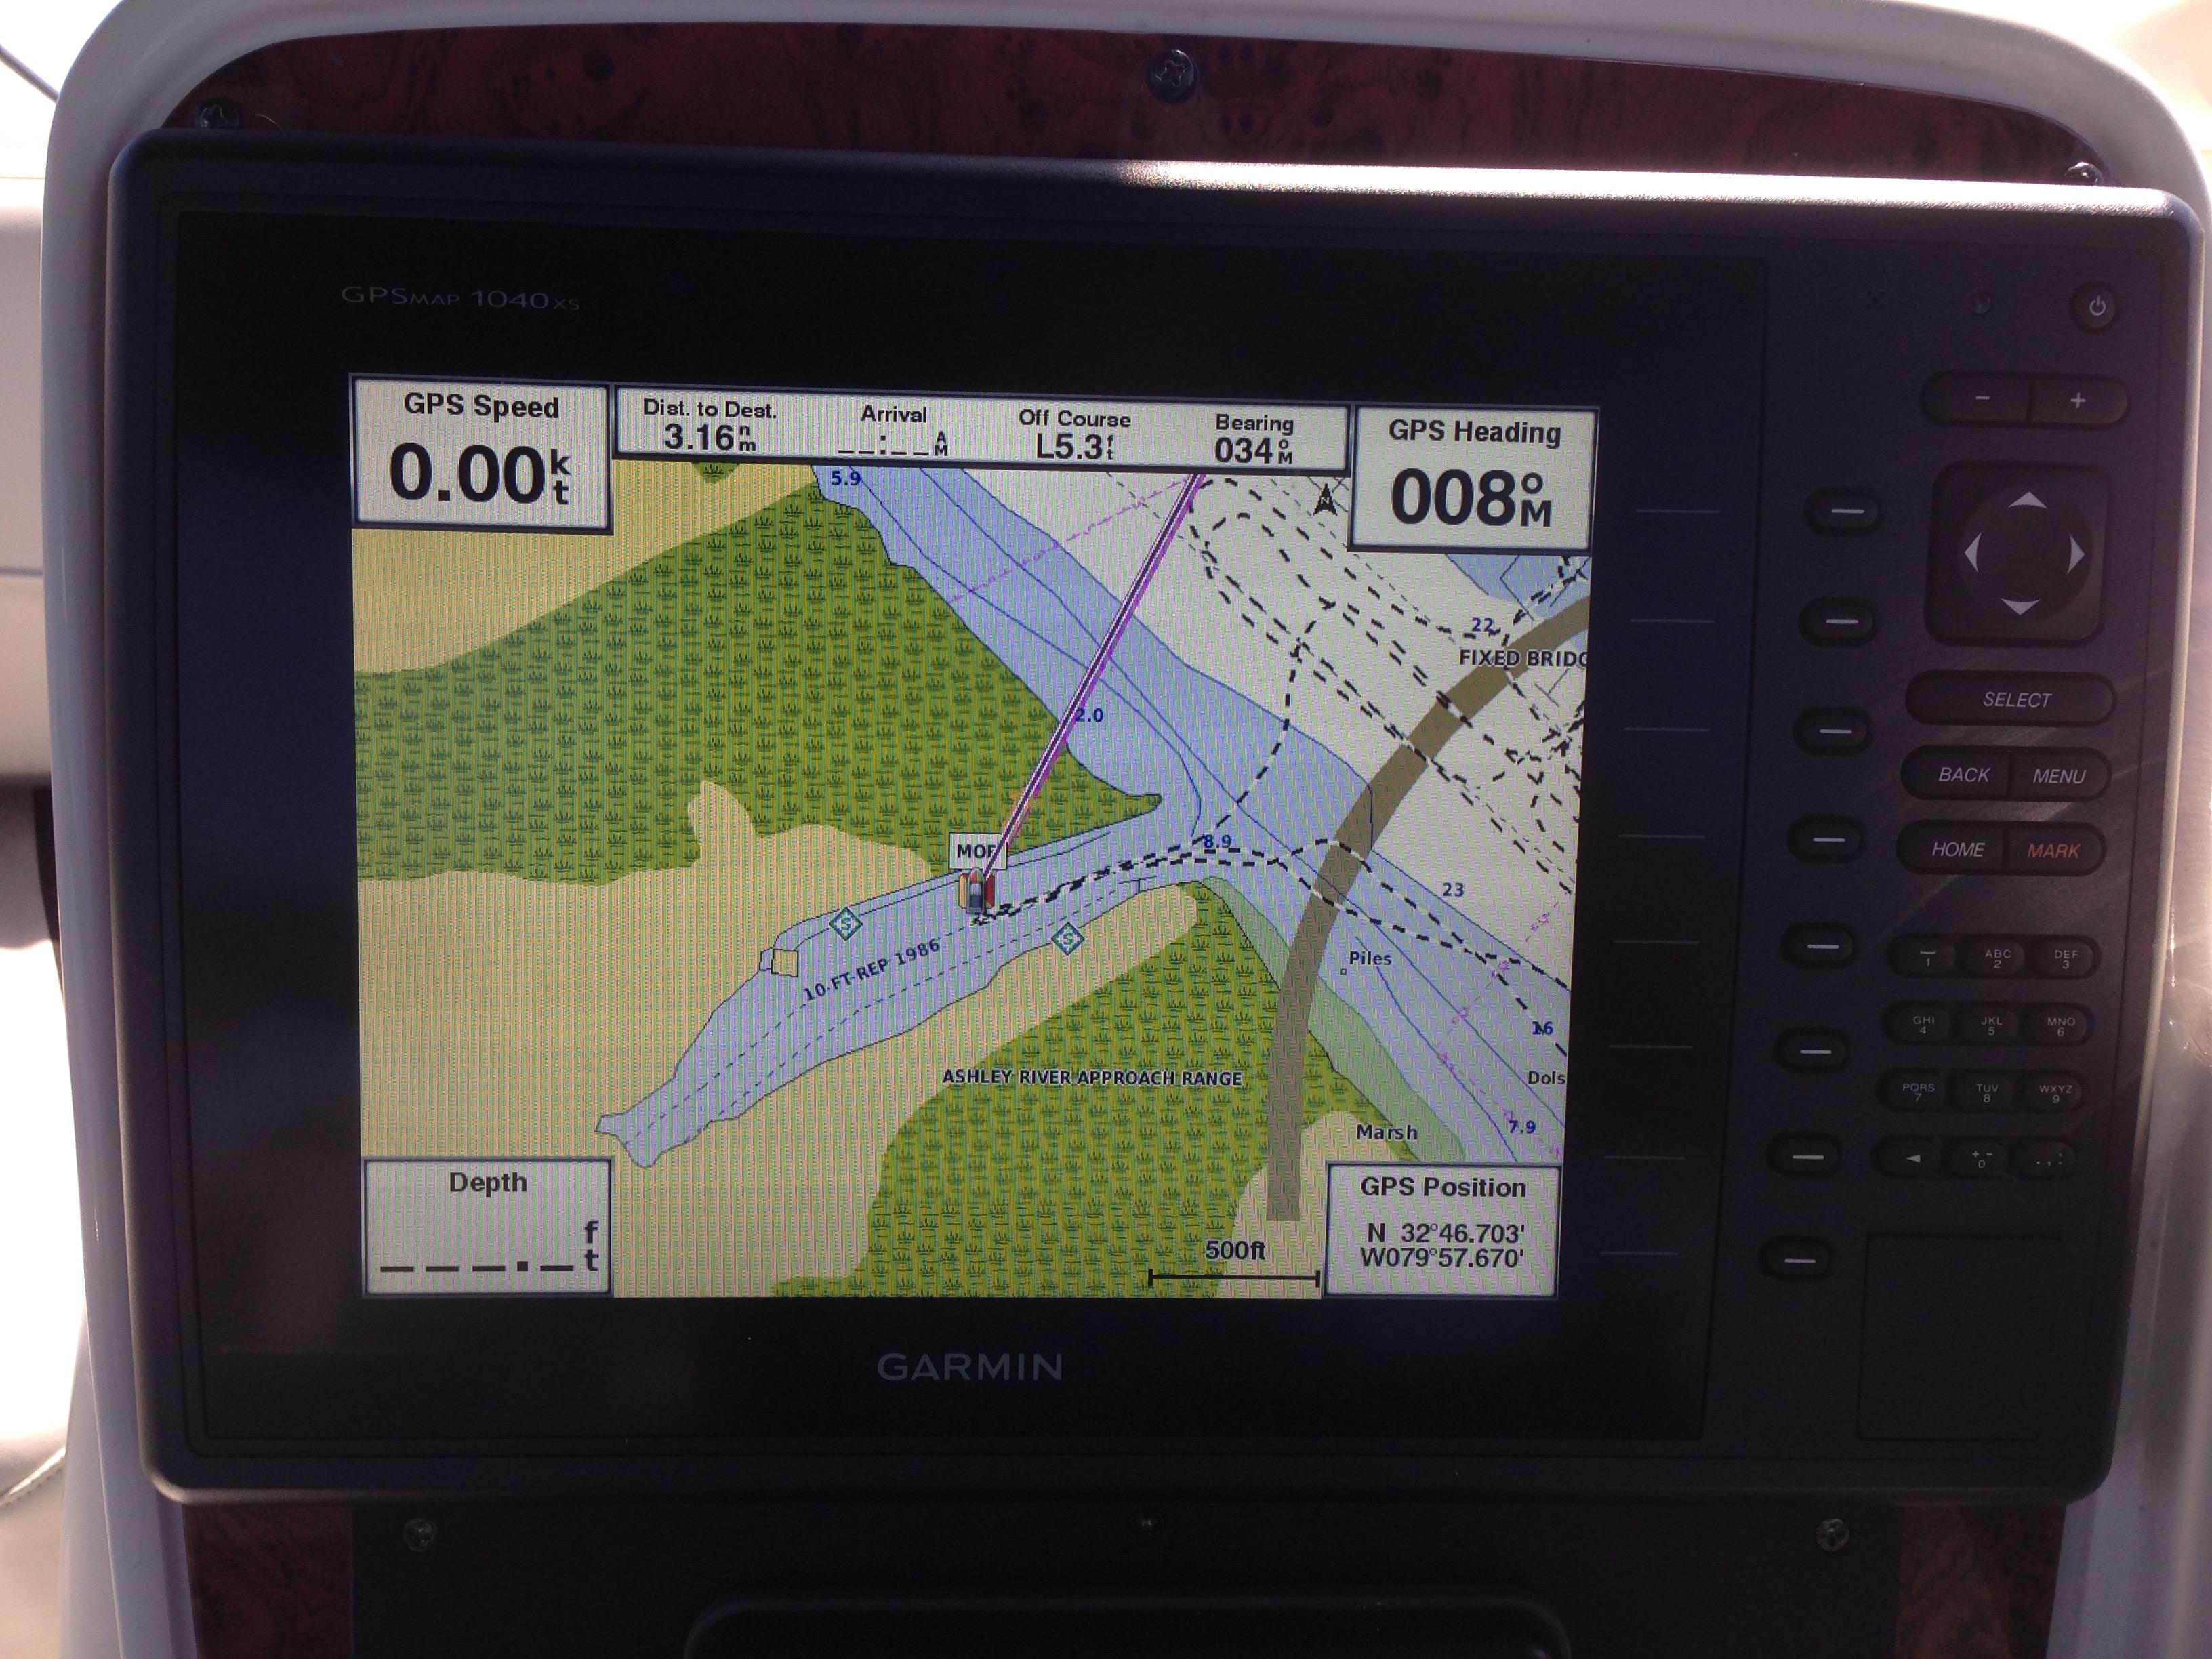 Meridian 411 Sedan - New Garmin GPS